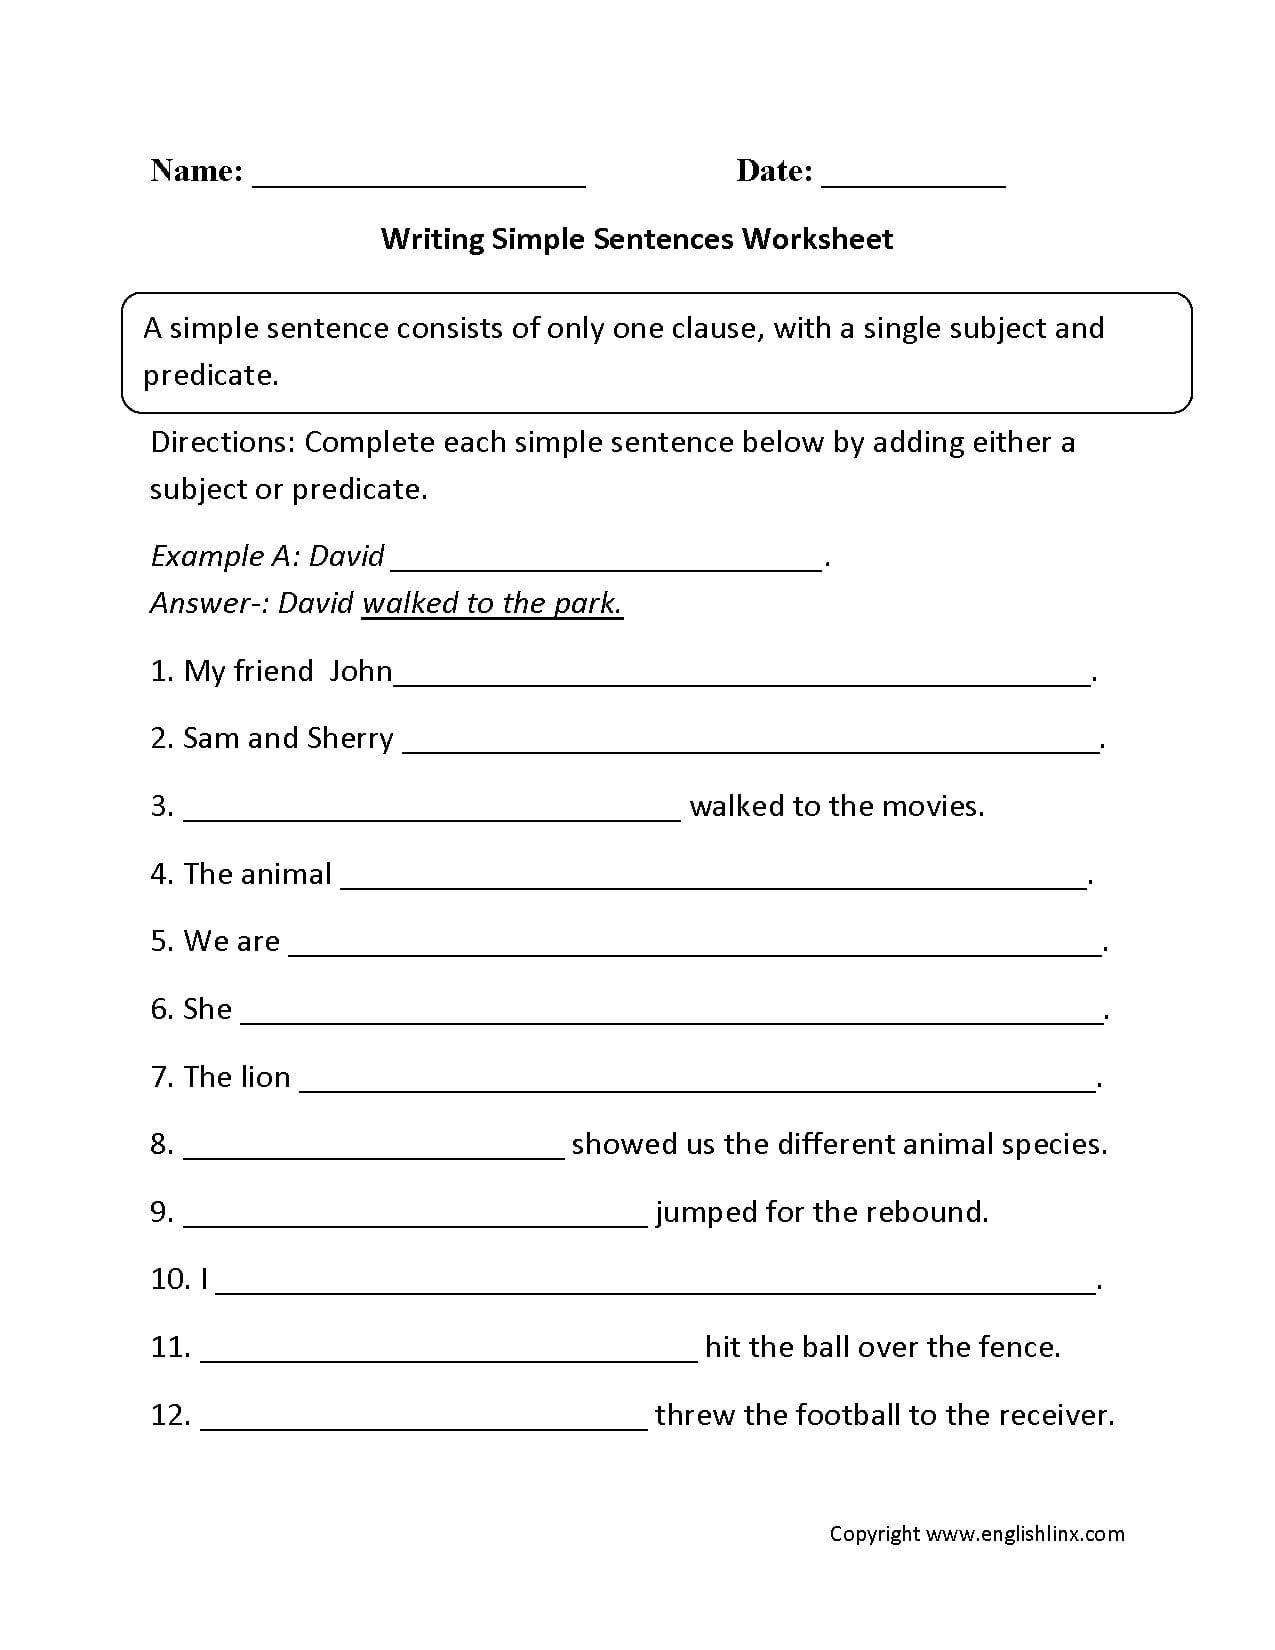 Sentences Worksheets  Simple Sentences Worksheets Also Writing Sentences Worksheets